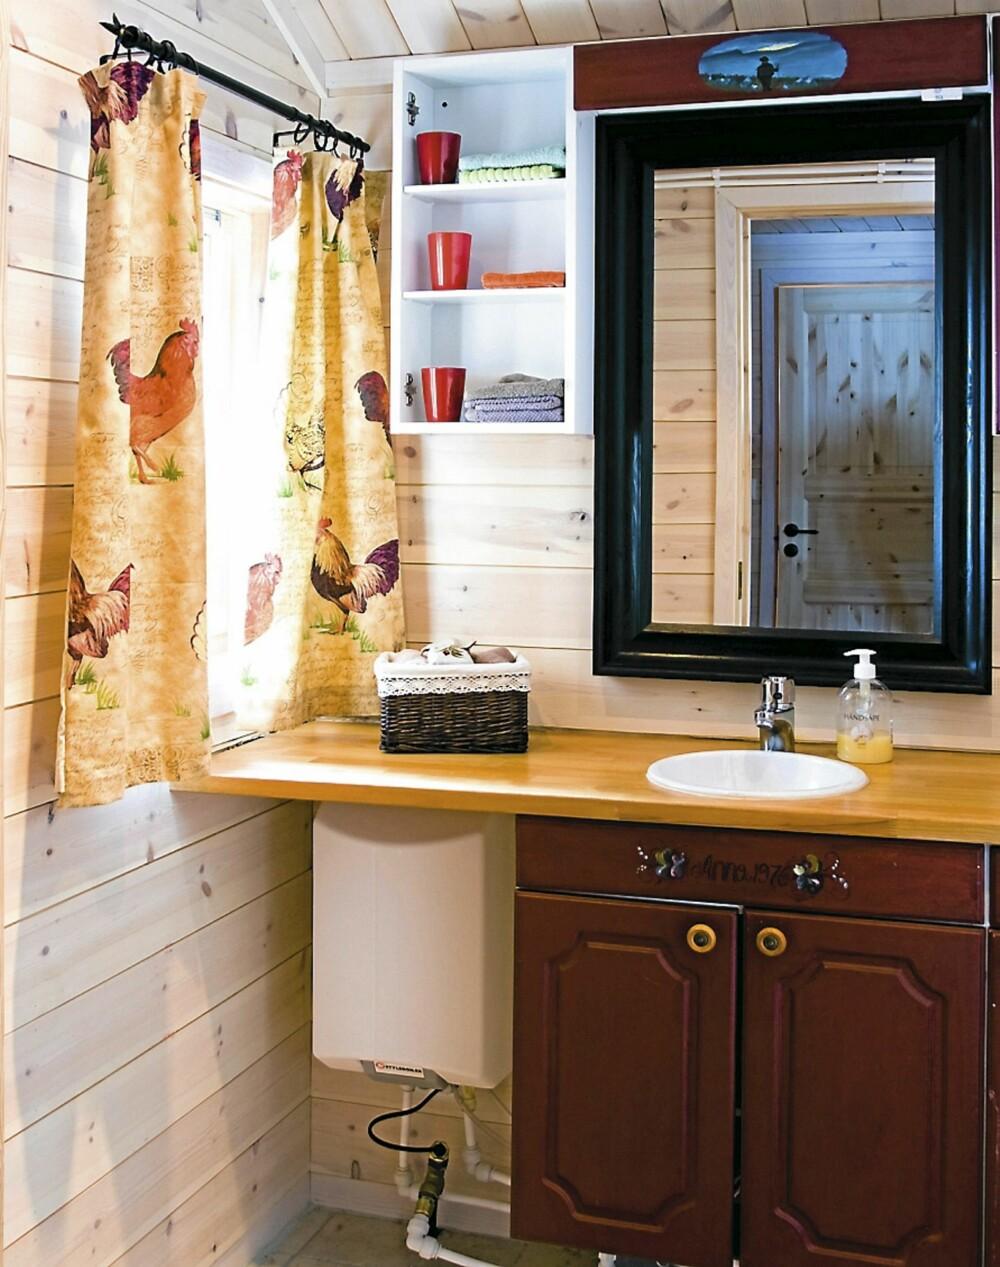 NYTT BAD: Med tilbygget ble det plass til et helt nytt bad. I tillegg ble biotoalettet flyttet inn fra en frittliggende bod.